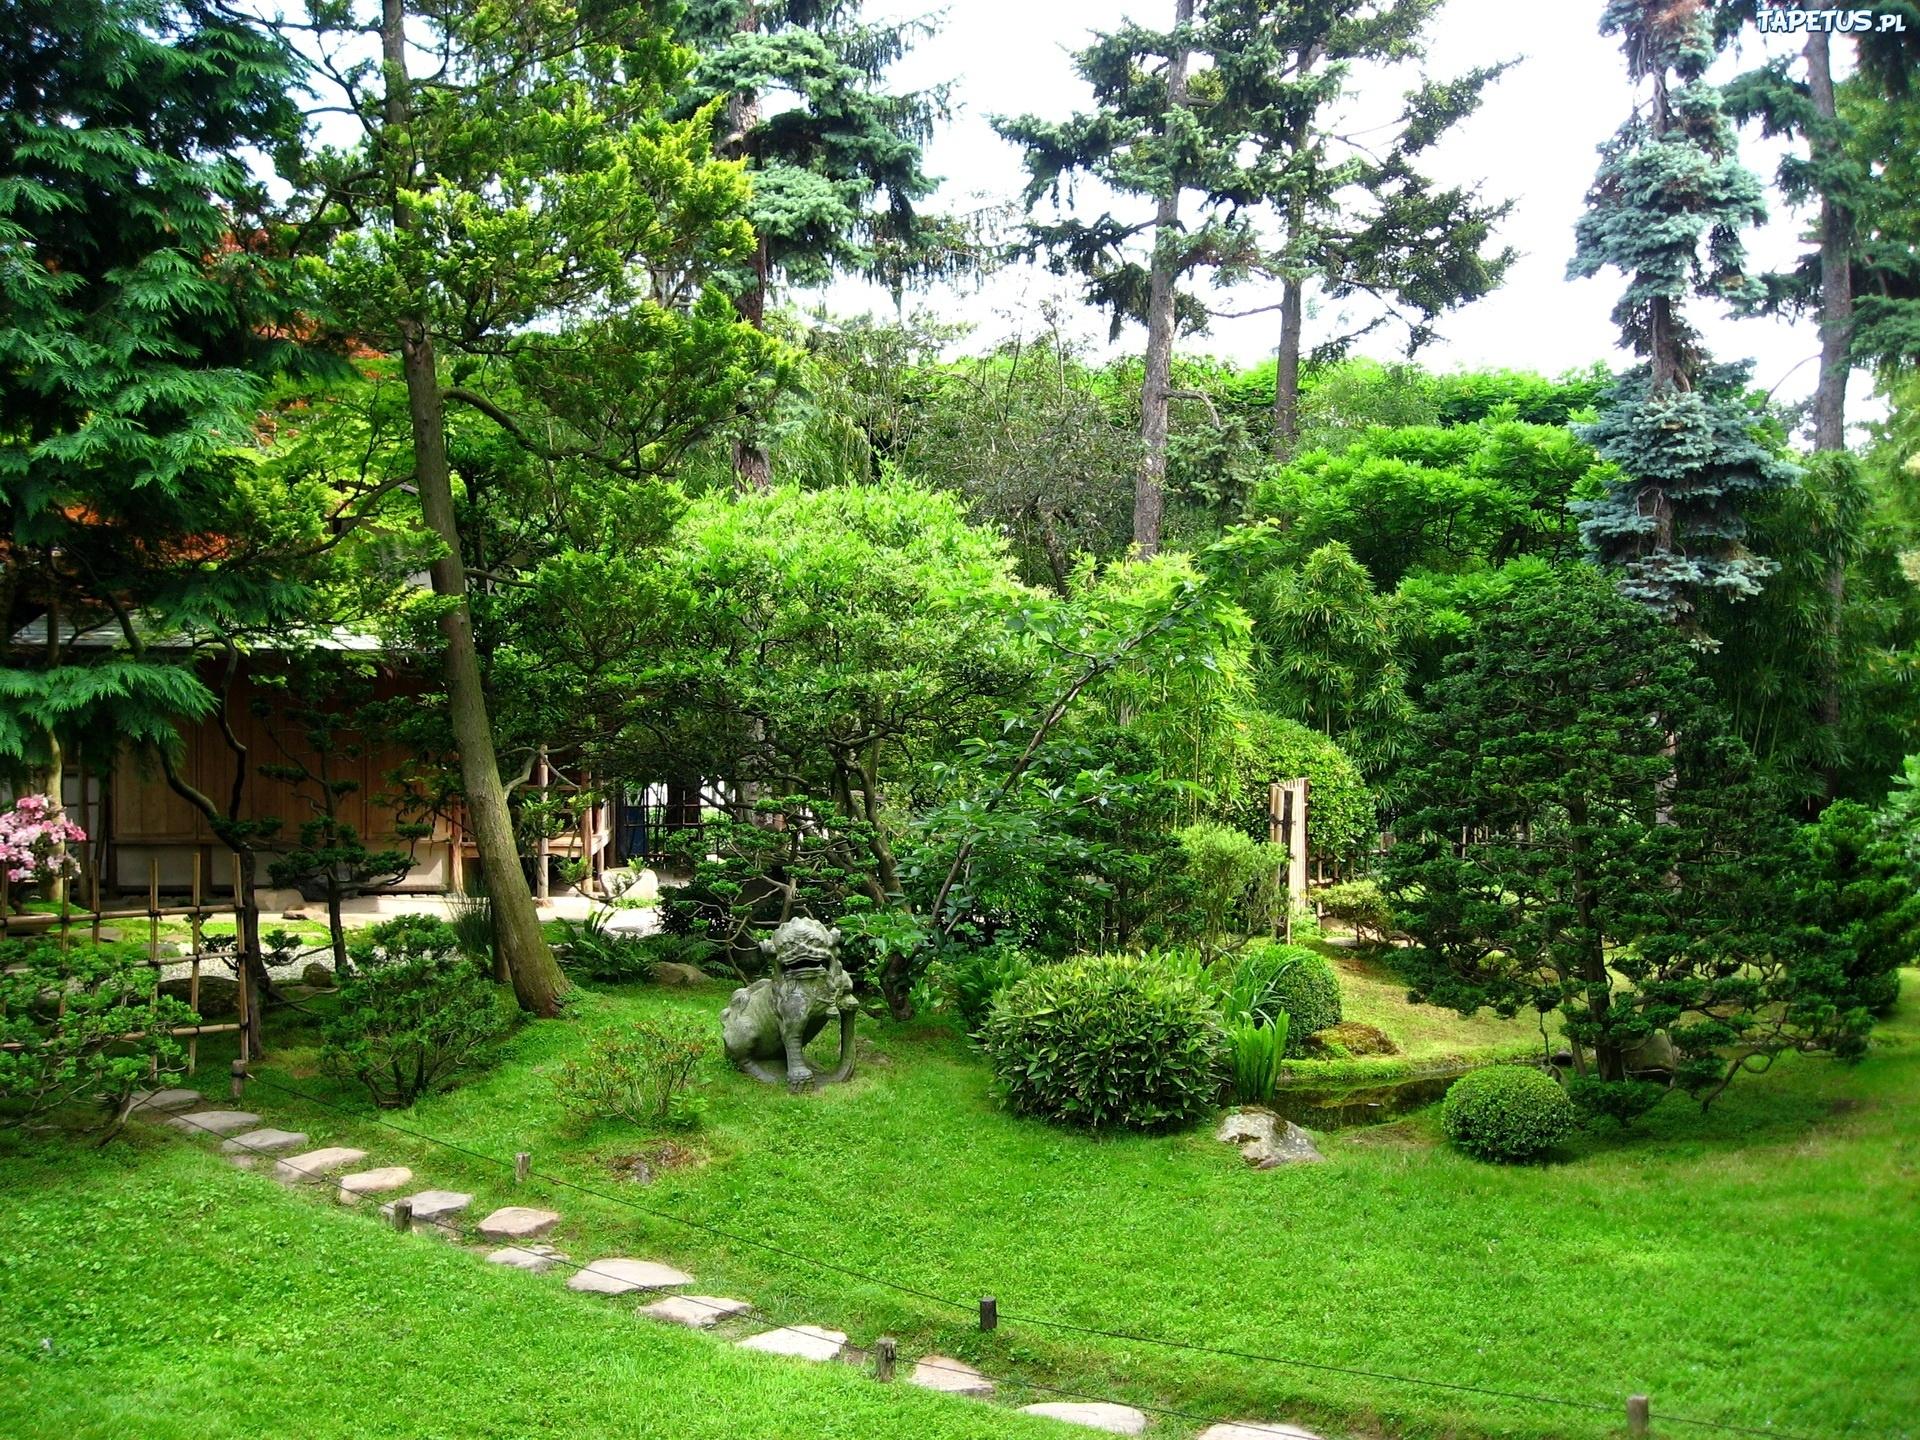 Ogród, Drzewa, Krzewy